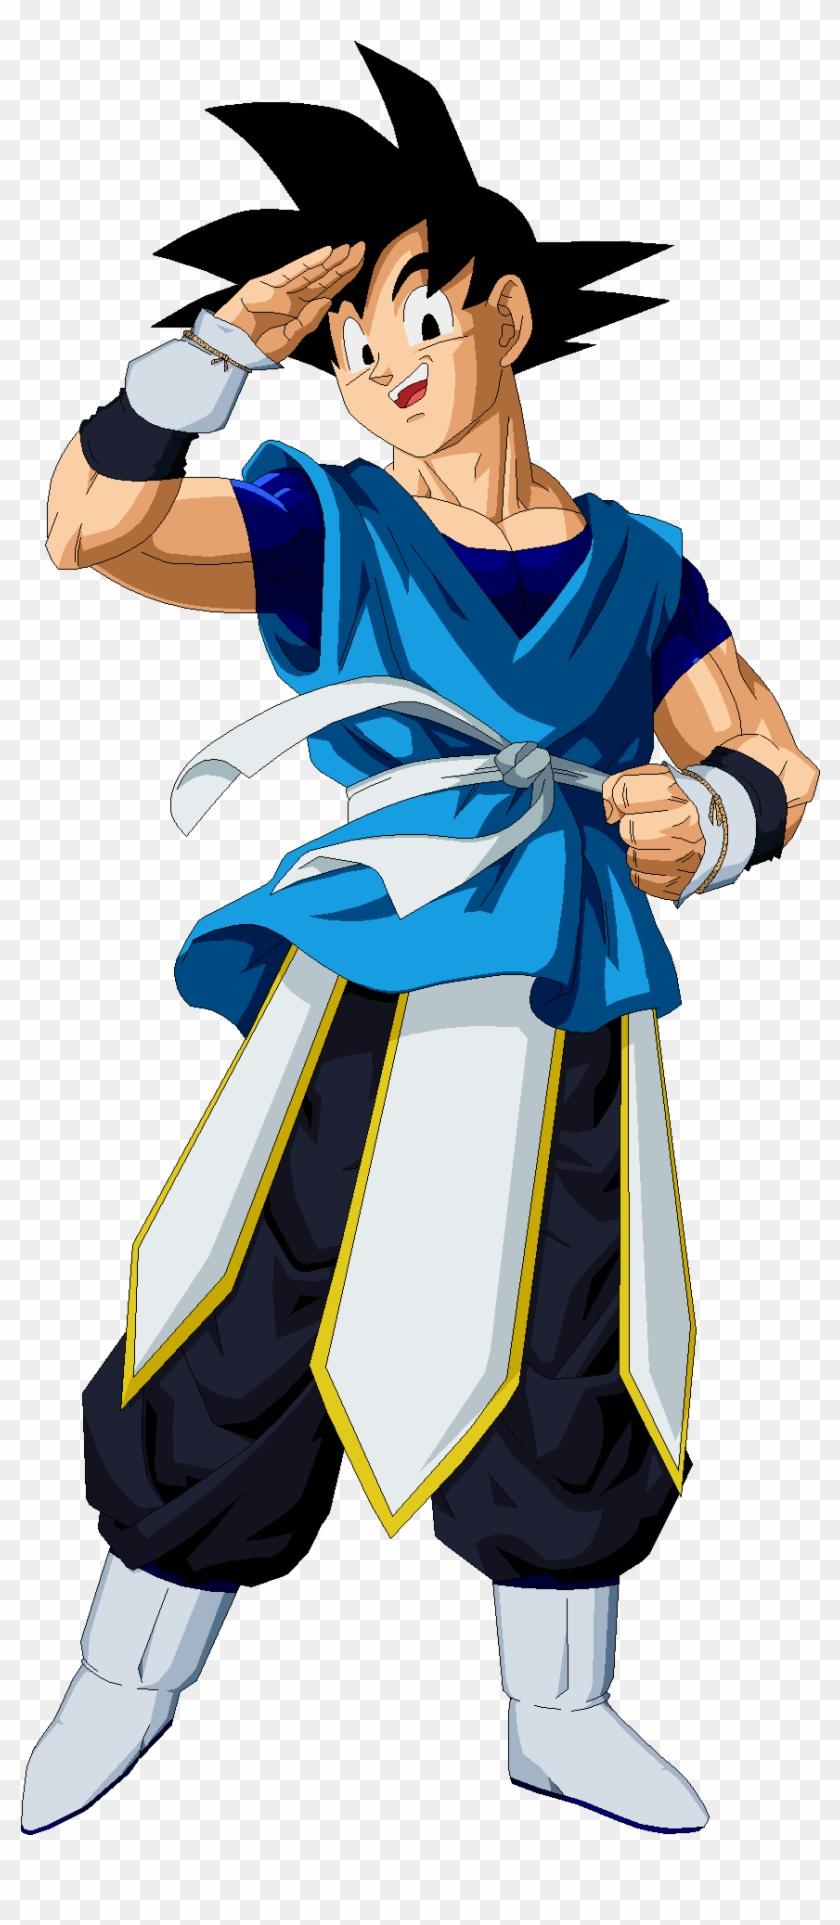 Goku - Goku Con Ropa De Dios Clipart #4488236